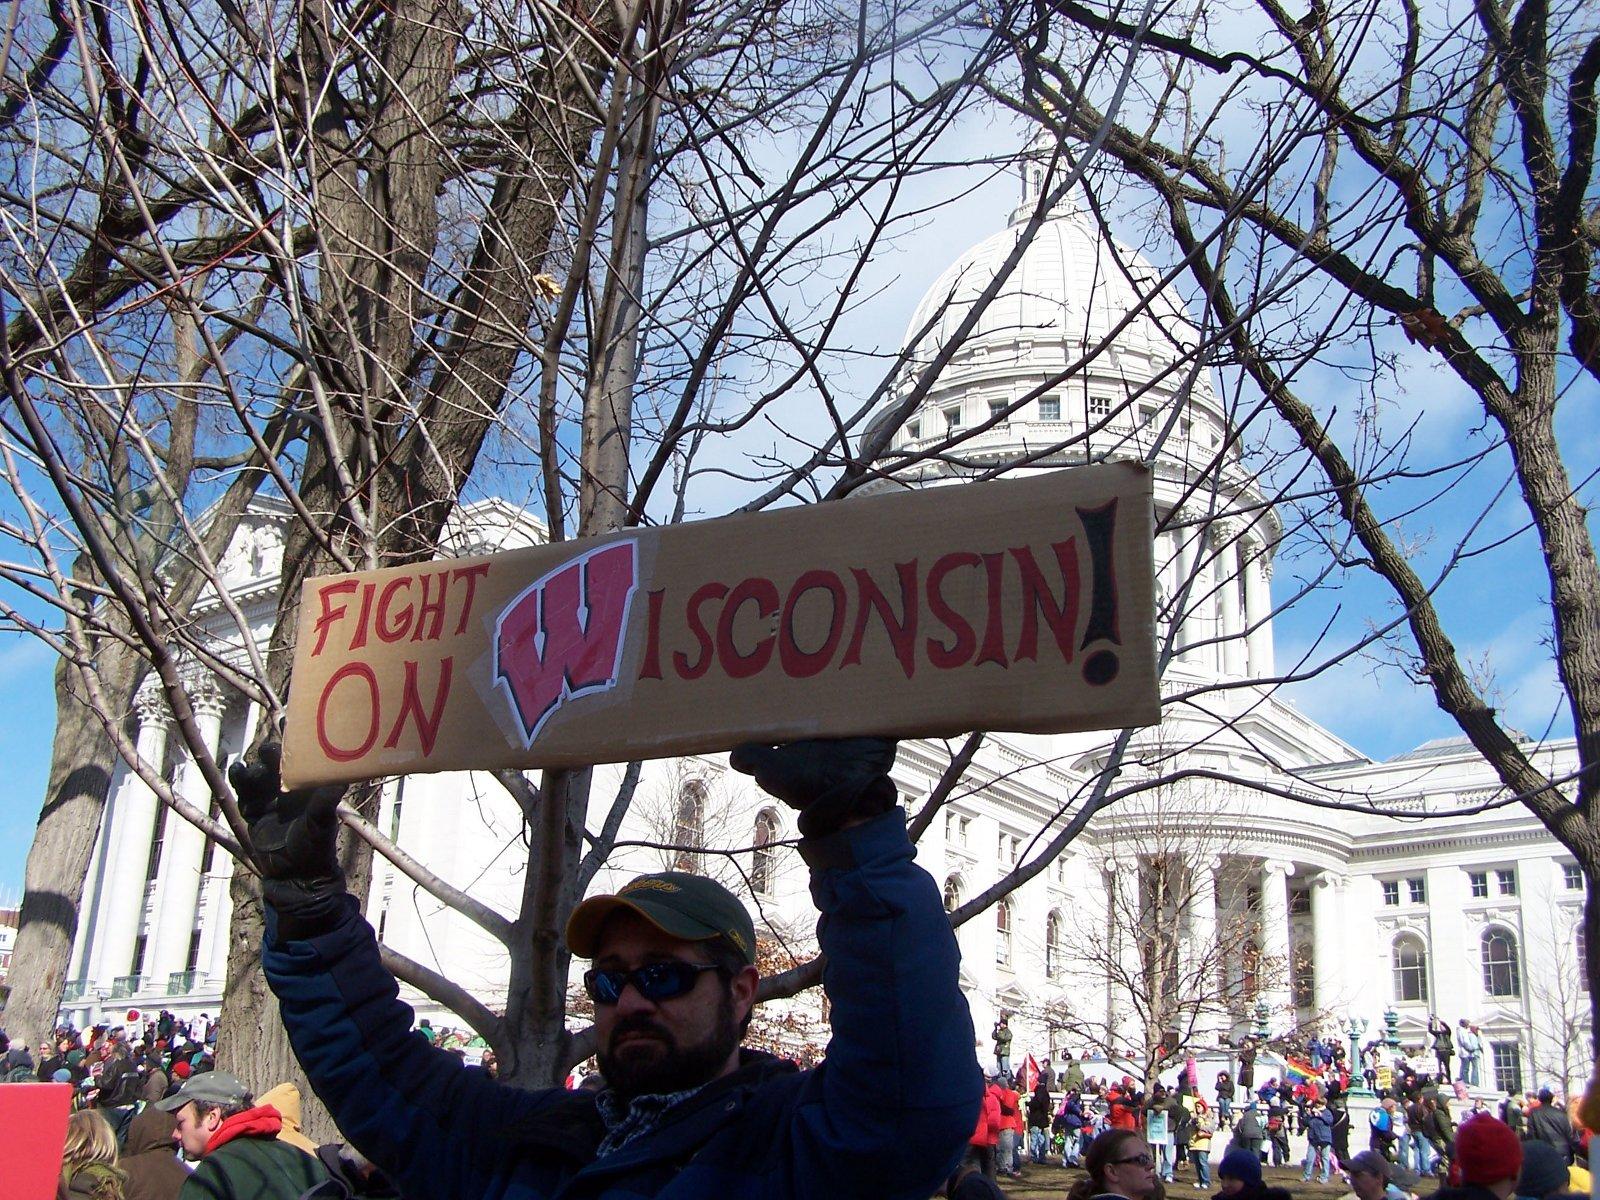 """Nach der Enttäuschung über Obama lösen neue Slogans dessen """"Yes, we can!"""" ab ((c) Diane Krauthamer)"""